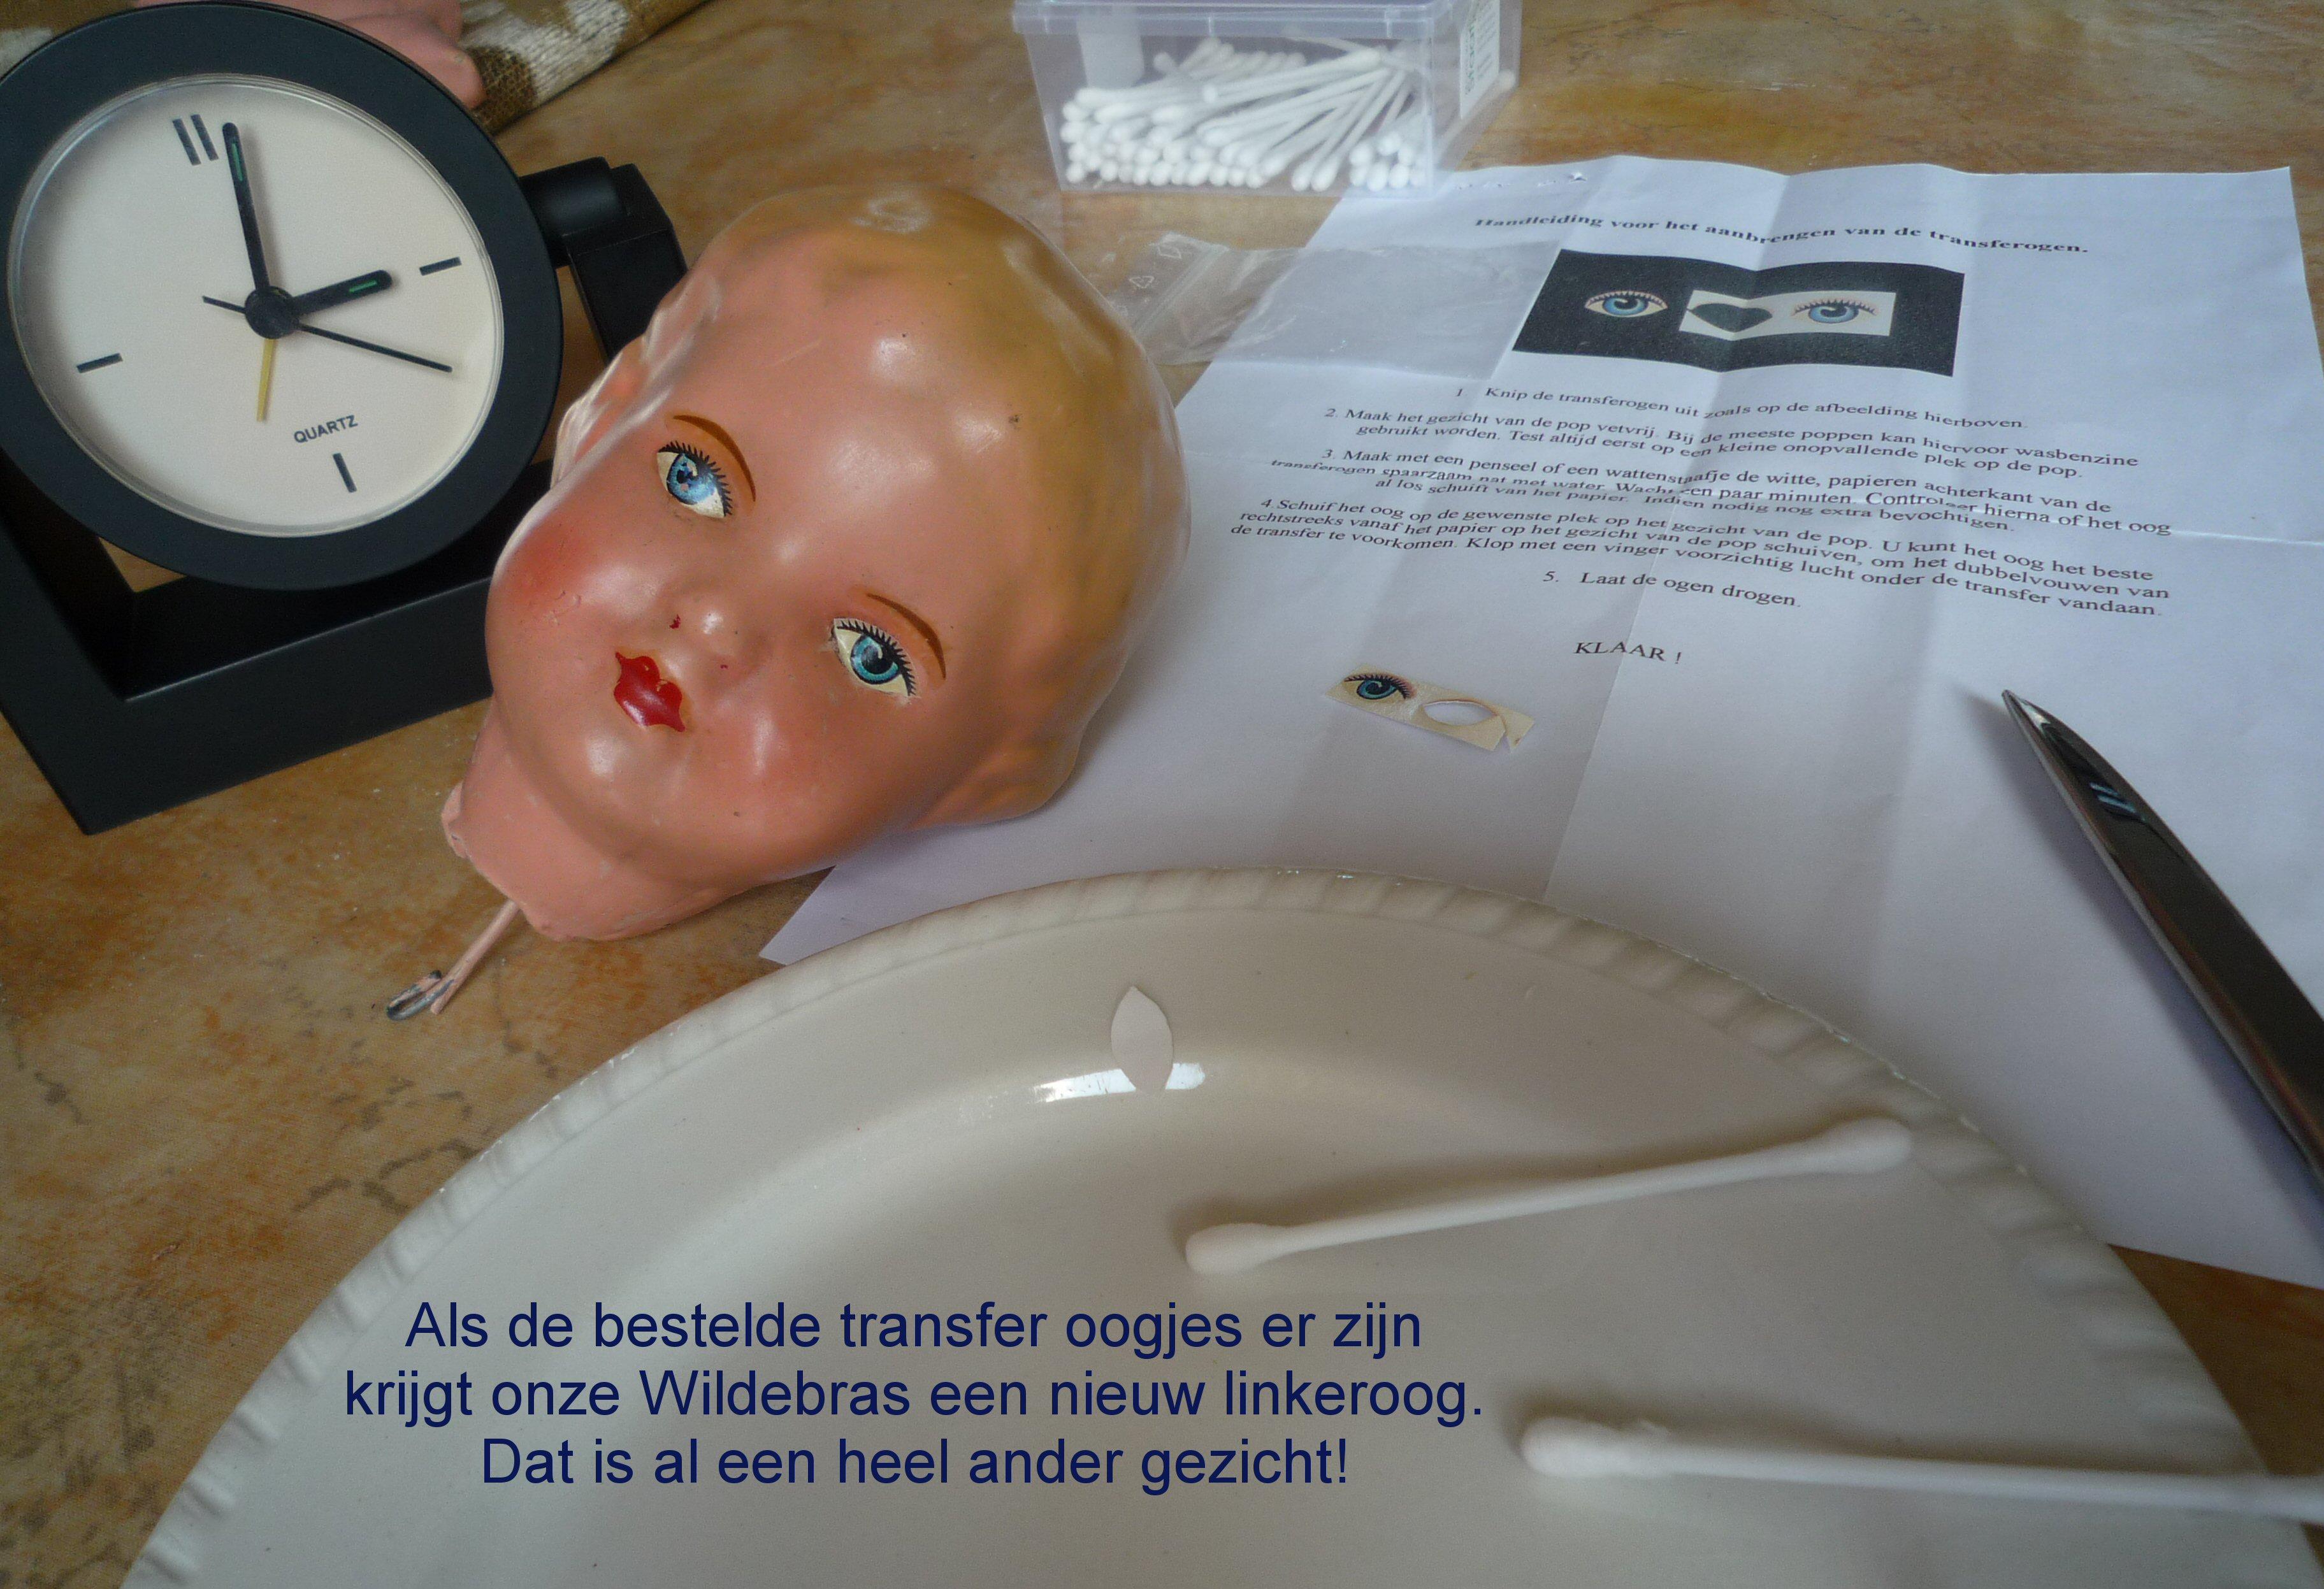 https://welkepopisdat.nl/afbeeldingen-Forum/DurvinaFotos/Bregje%20(14).JPG